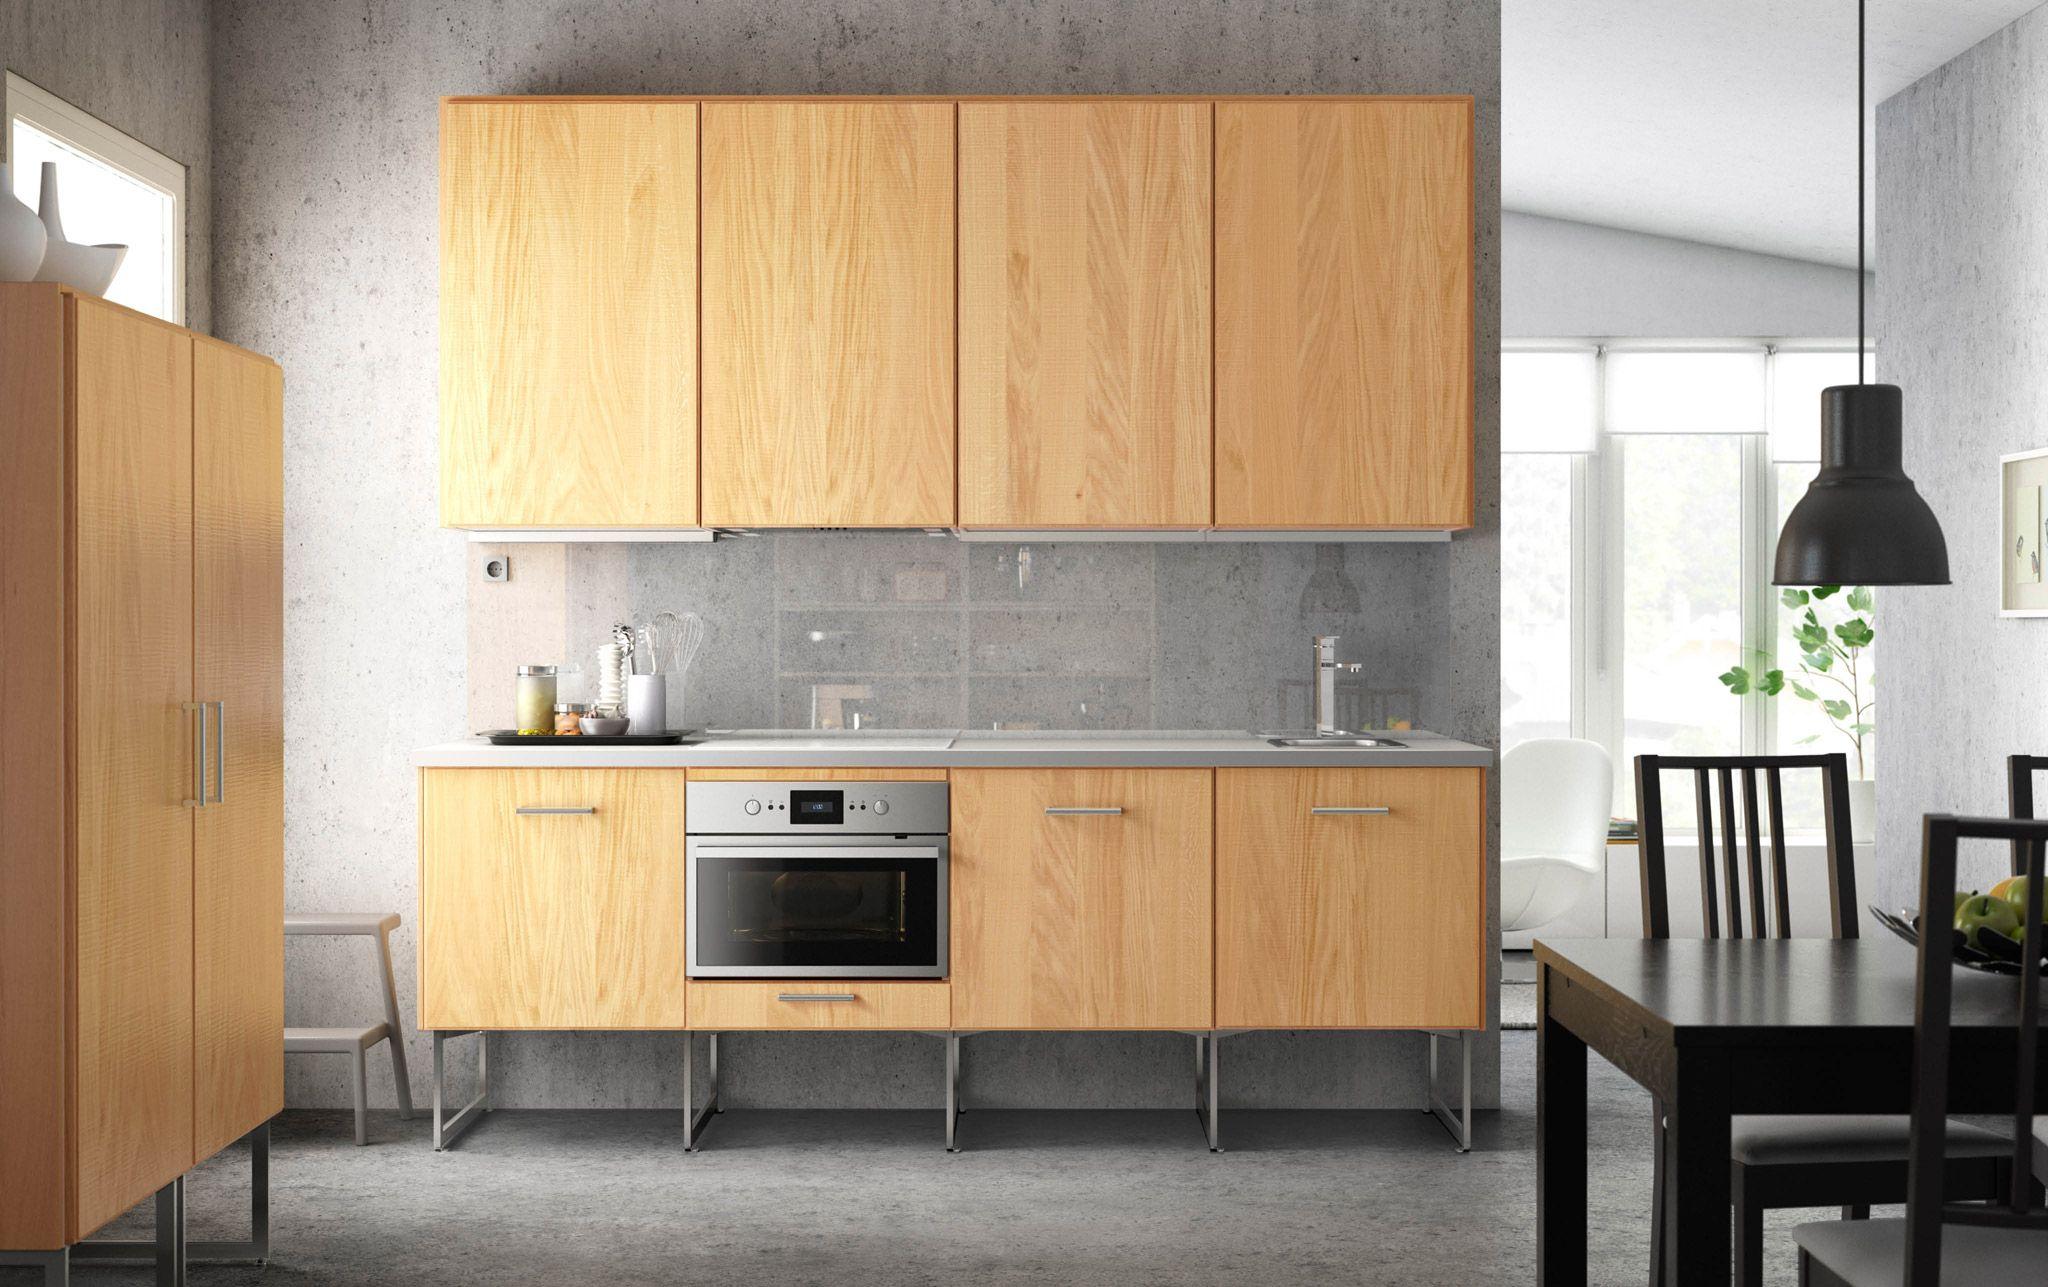 First-class Programa Ikea Cocinas Image Files - H4CK.US